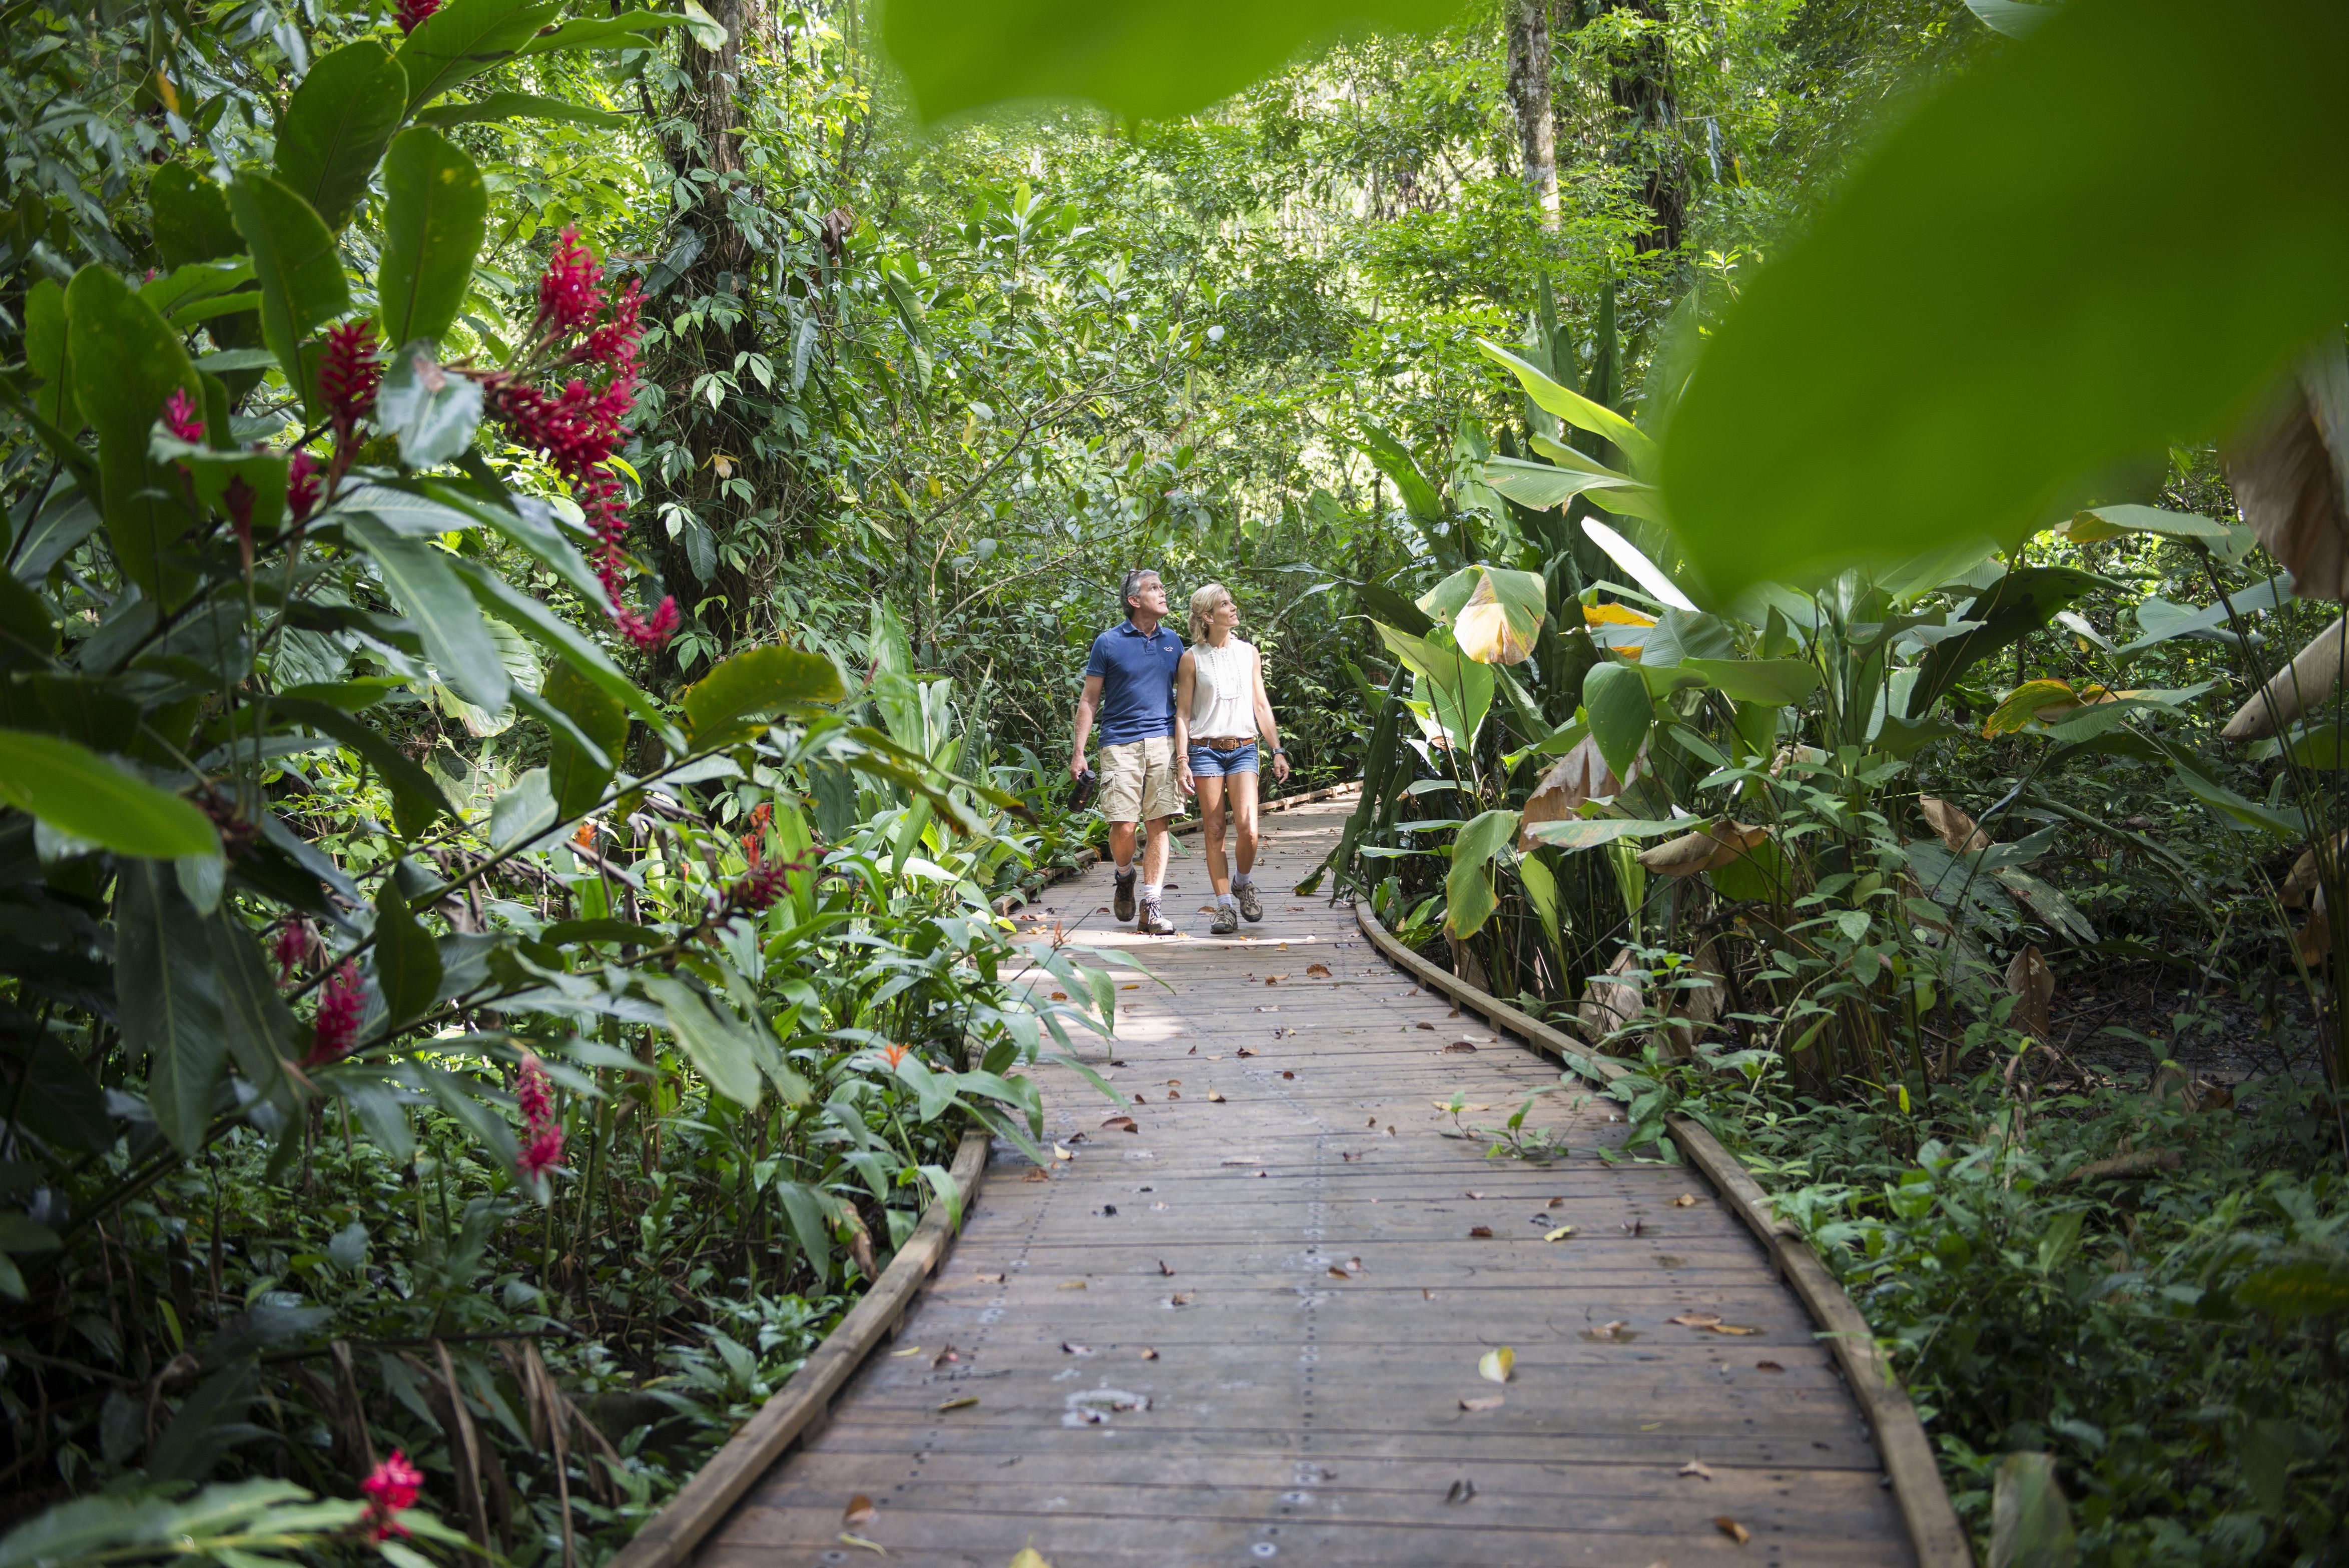 dulce pacifico nature trails amenities uvita real estate costa rica